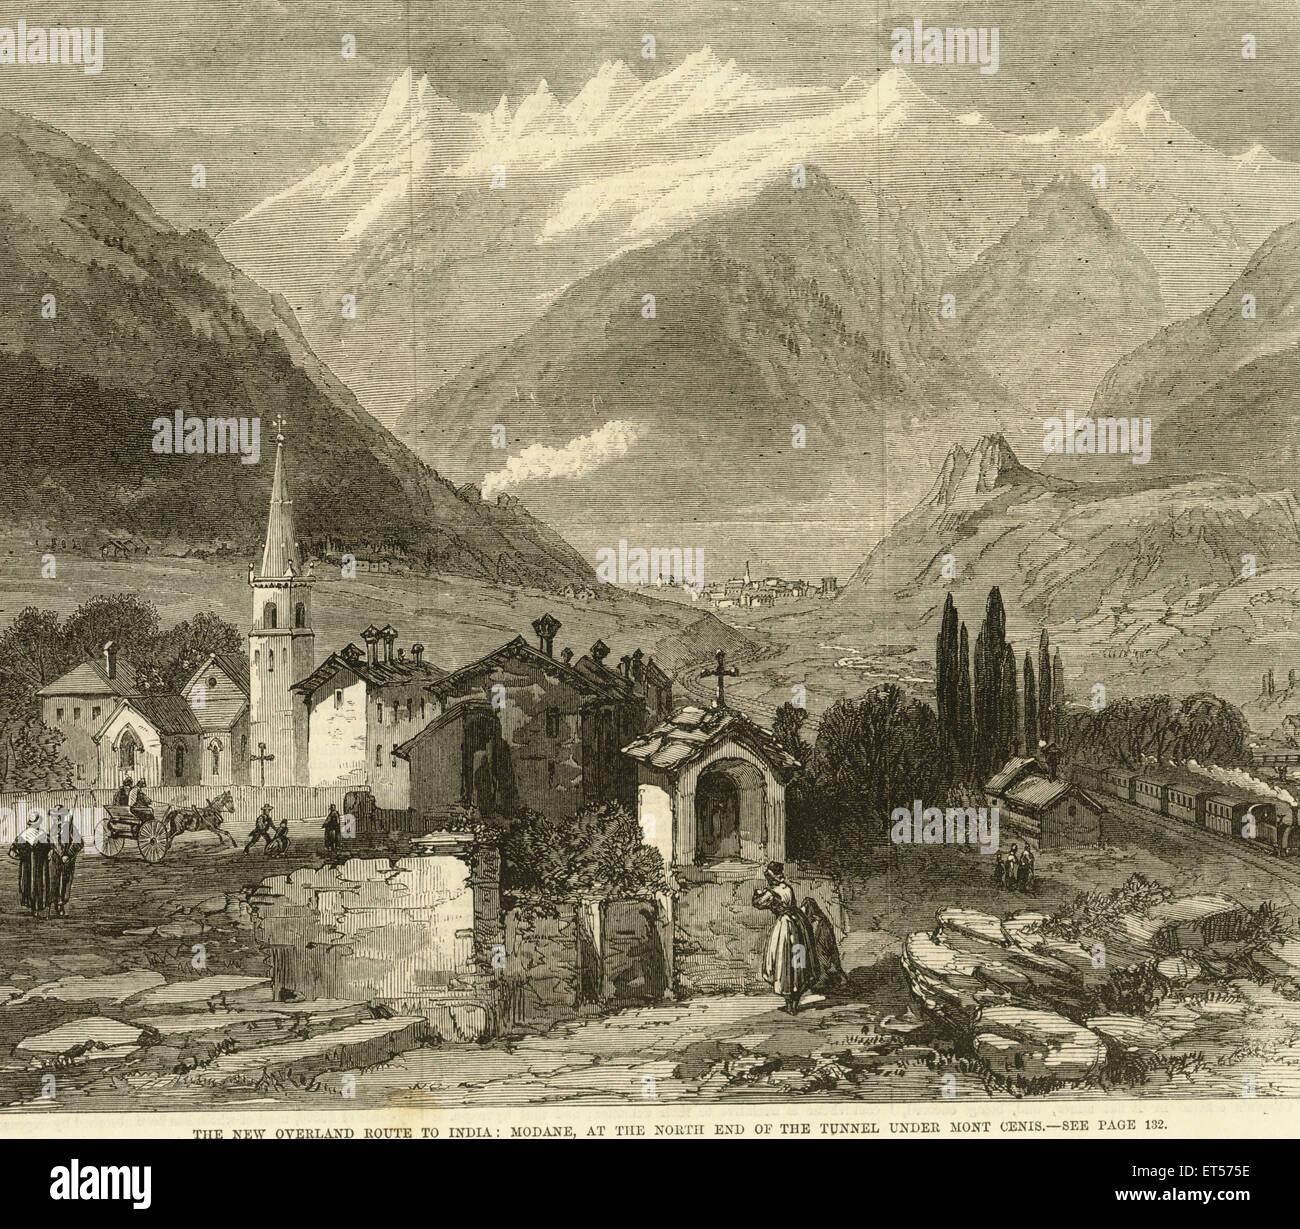 Der neue Landweg nach Indien; Modane; am nördlichen Ende des Tunnelbaus Mont Cenis; Indien Stockfoto